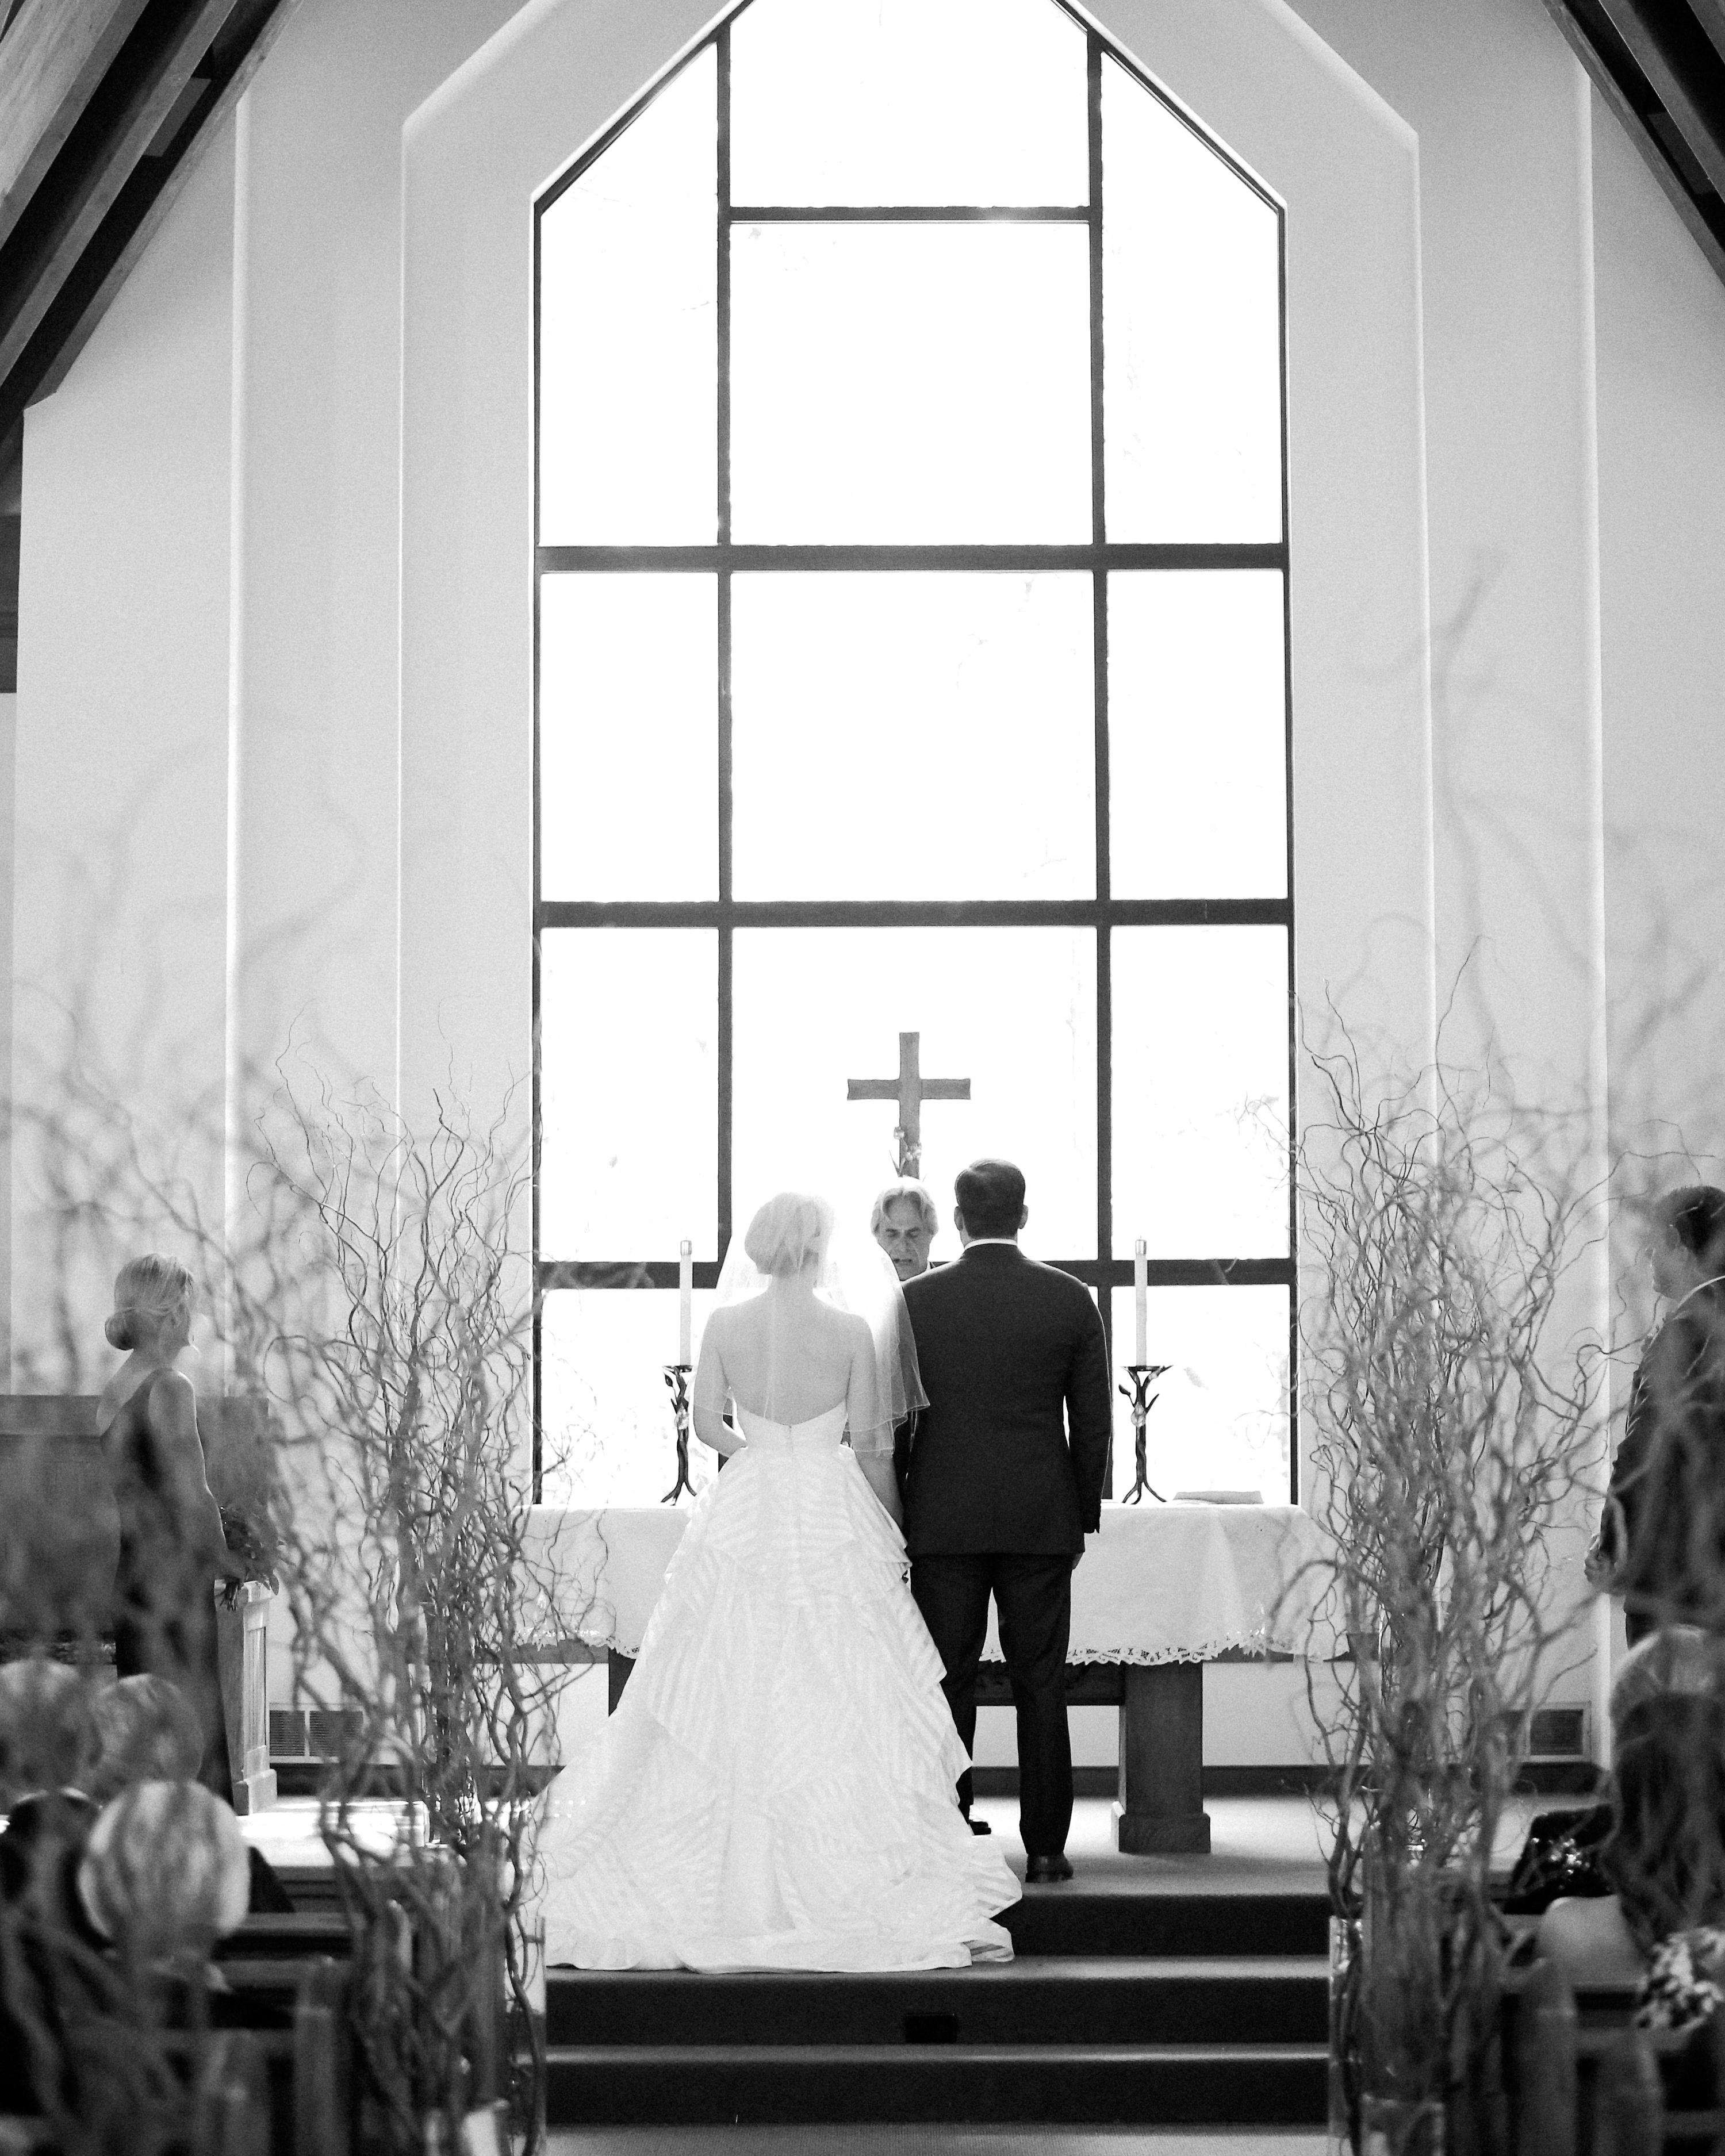 stacey-eric-wedding-ceremony-2982-s111513-1014.jpg